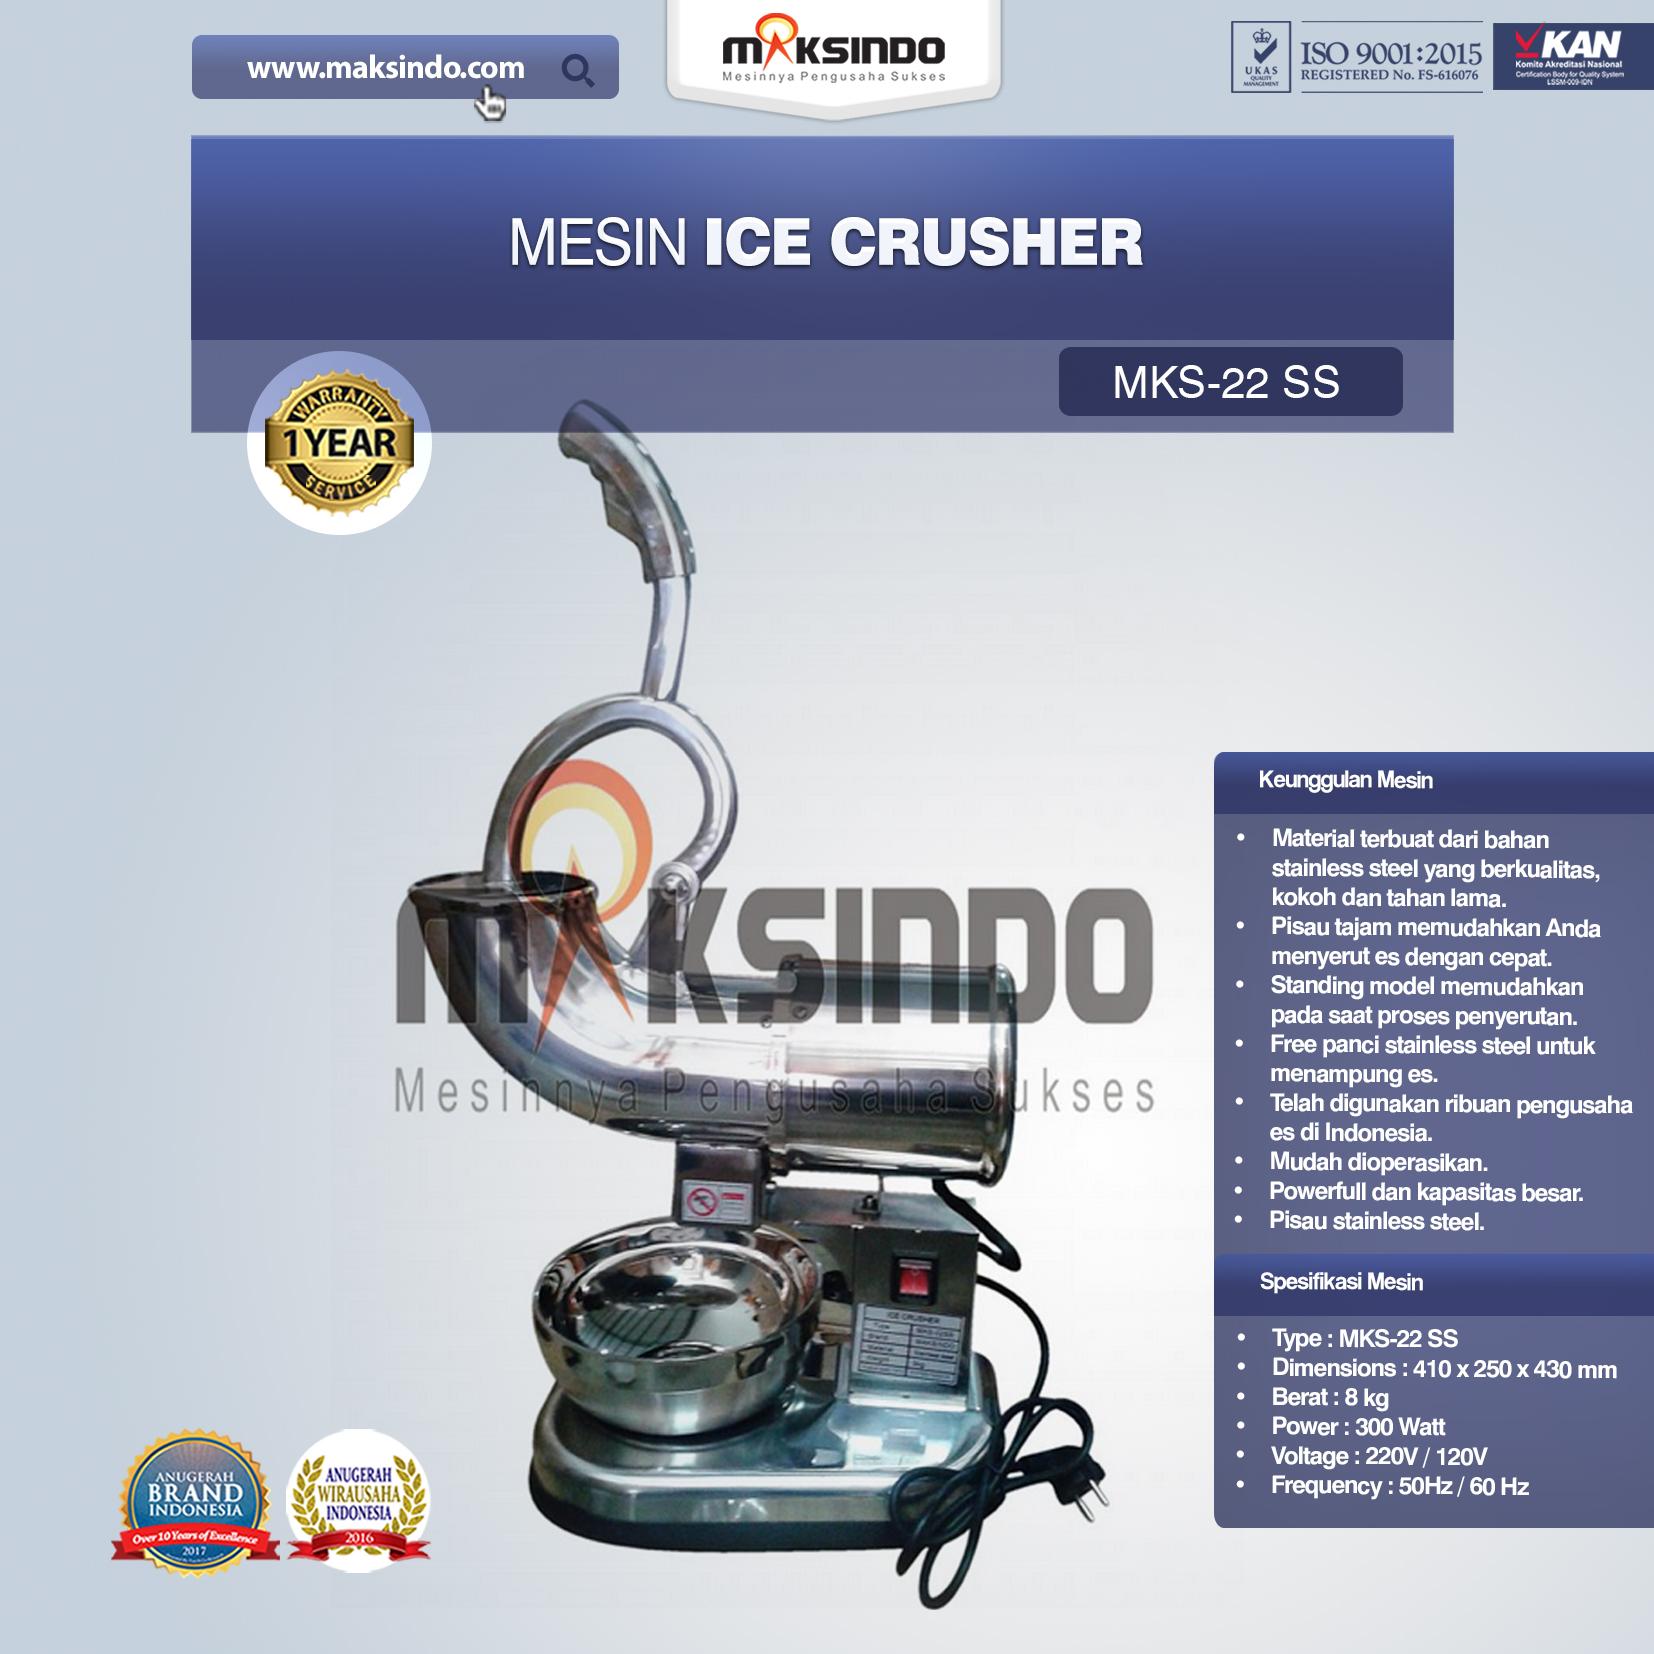 Jual Mesin Ice Crusher (MKS-22SS) di Bali